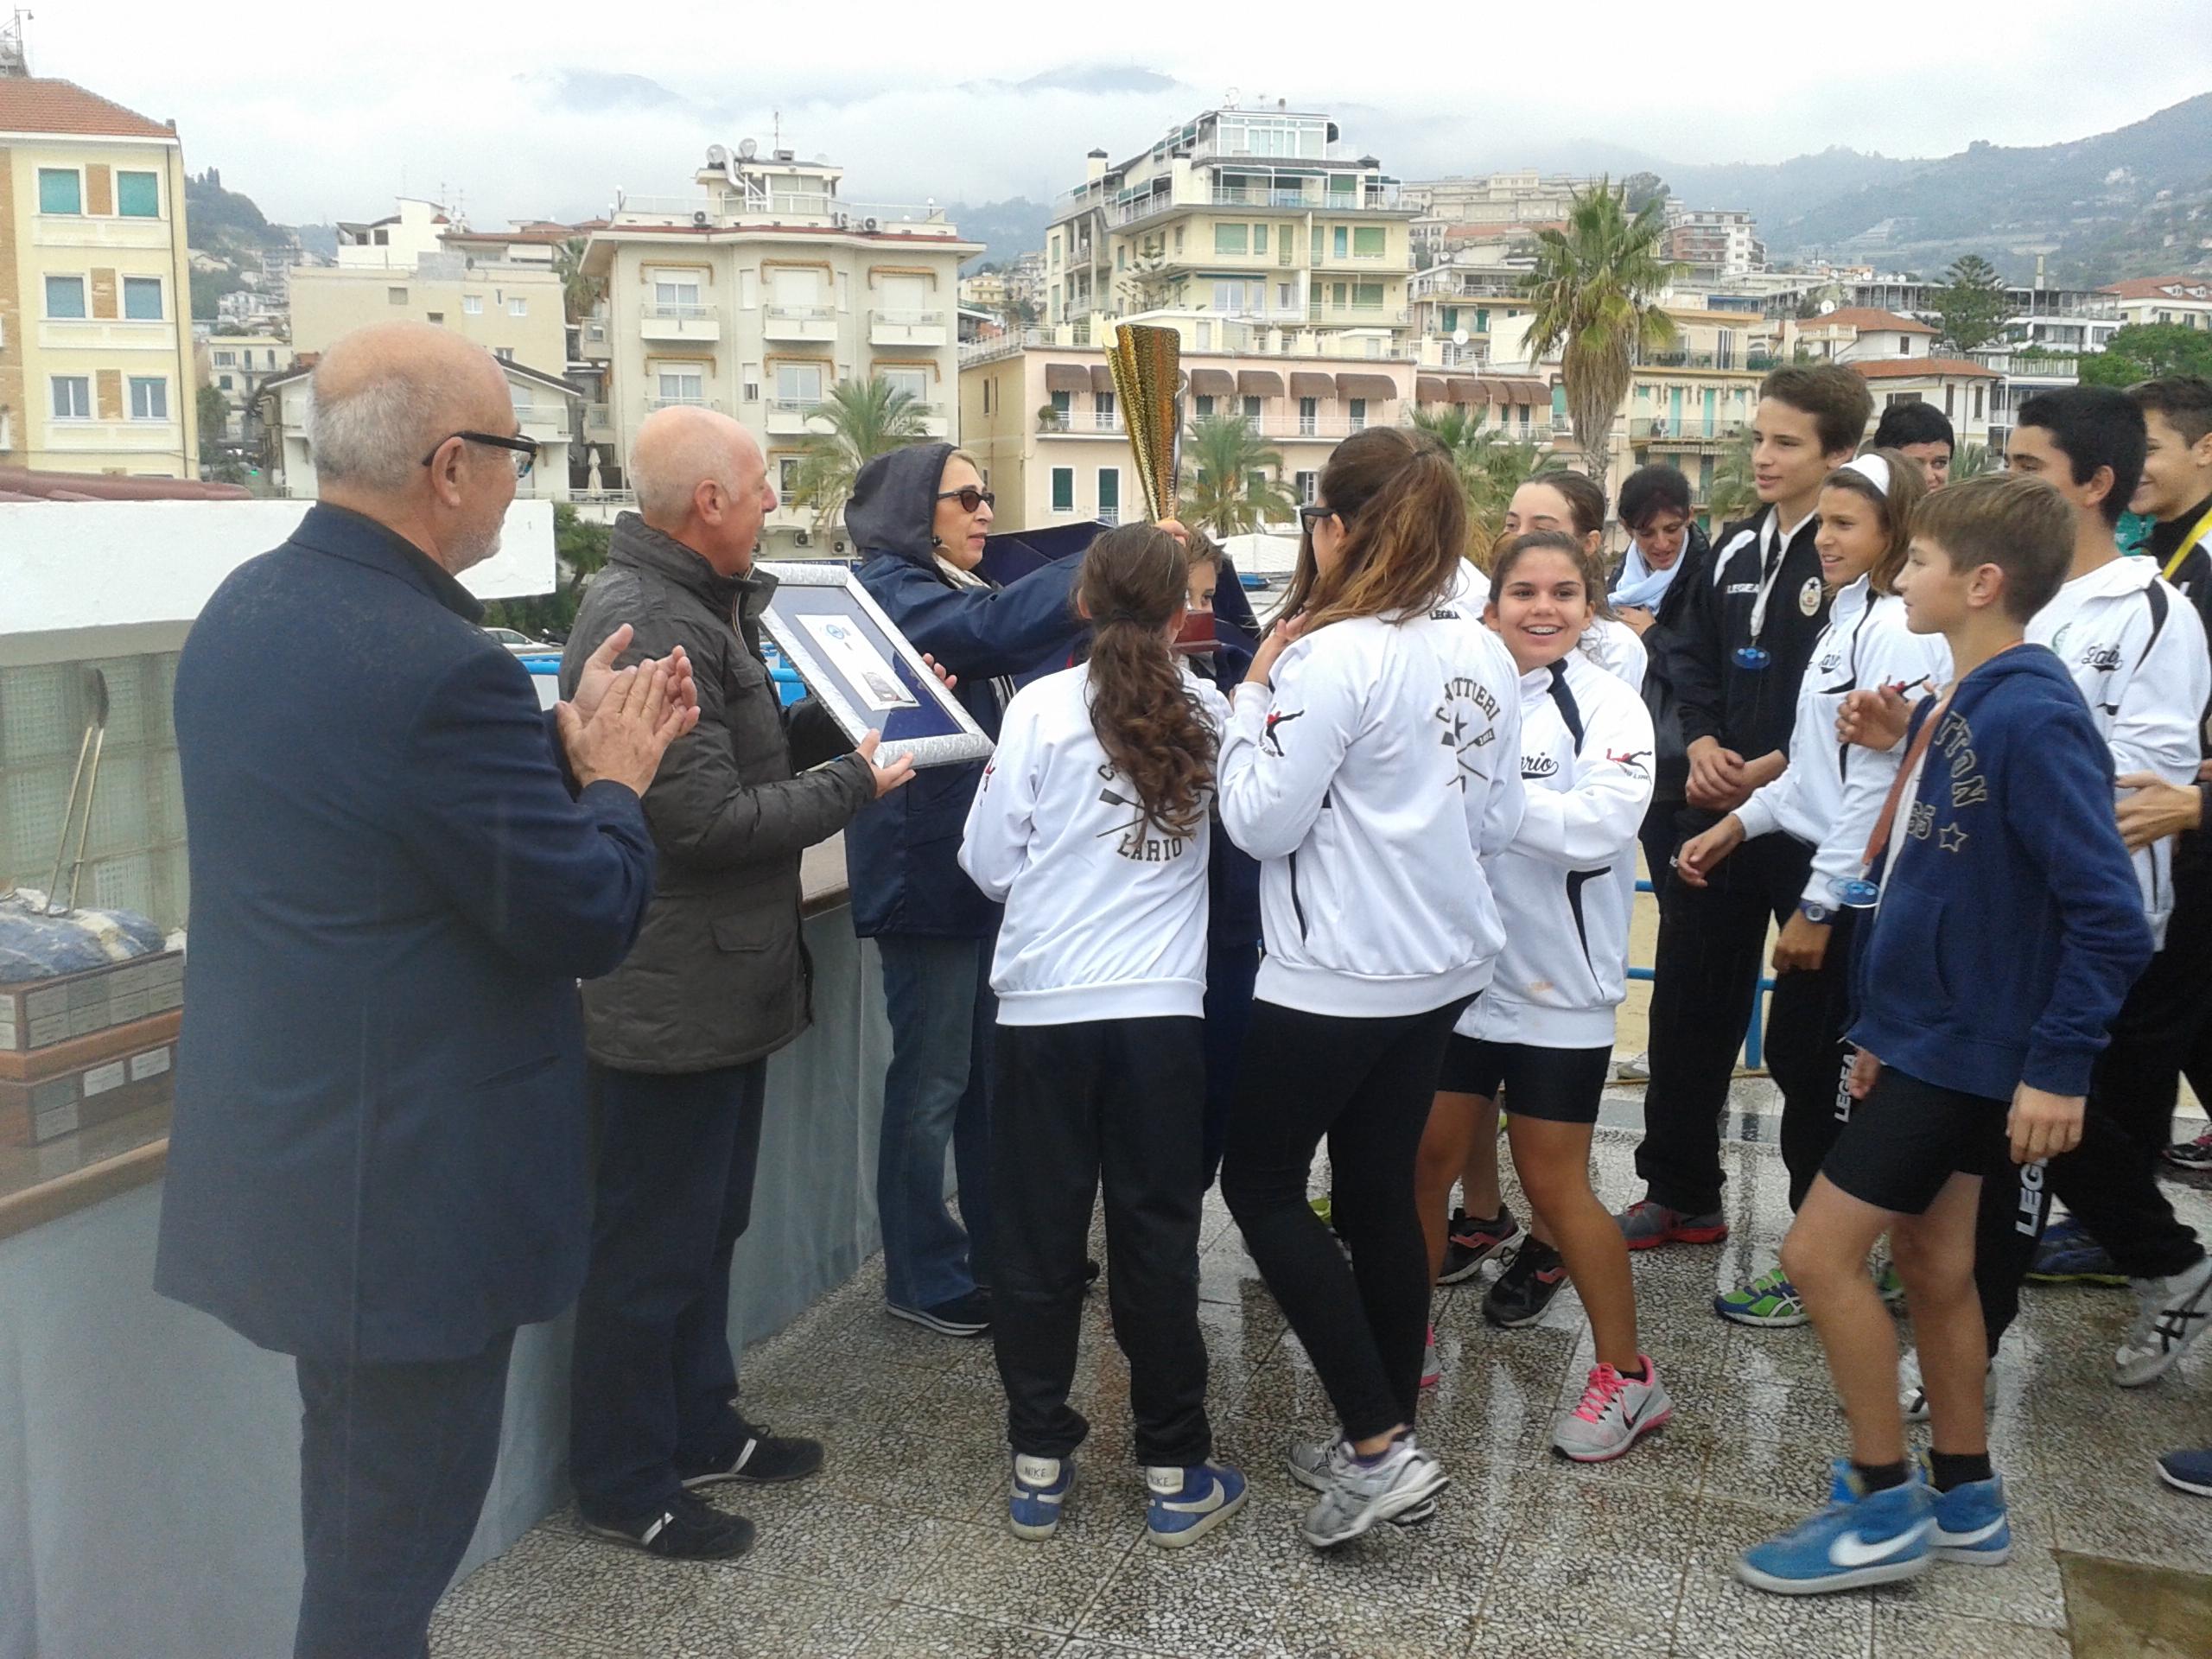 XXXIV Trofeo Aristide Vacchino 2015